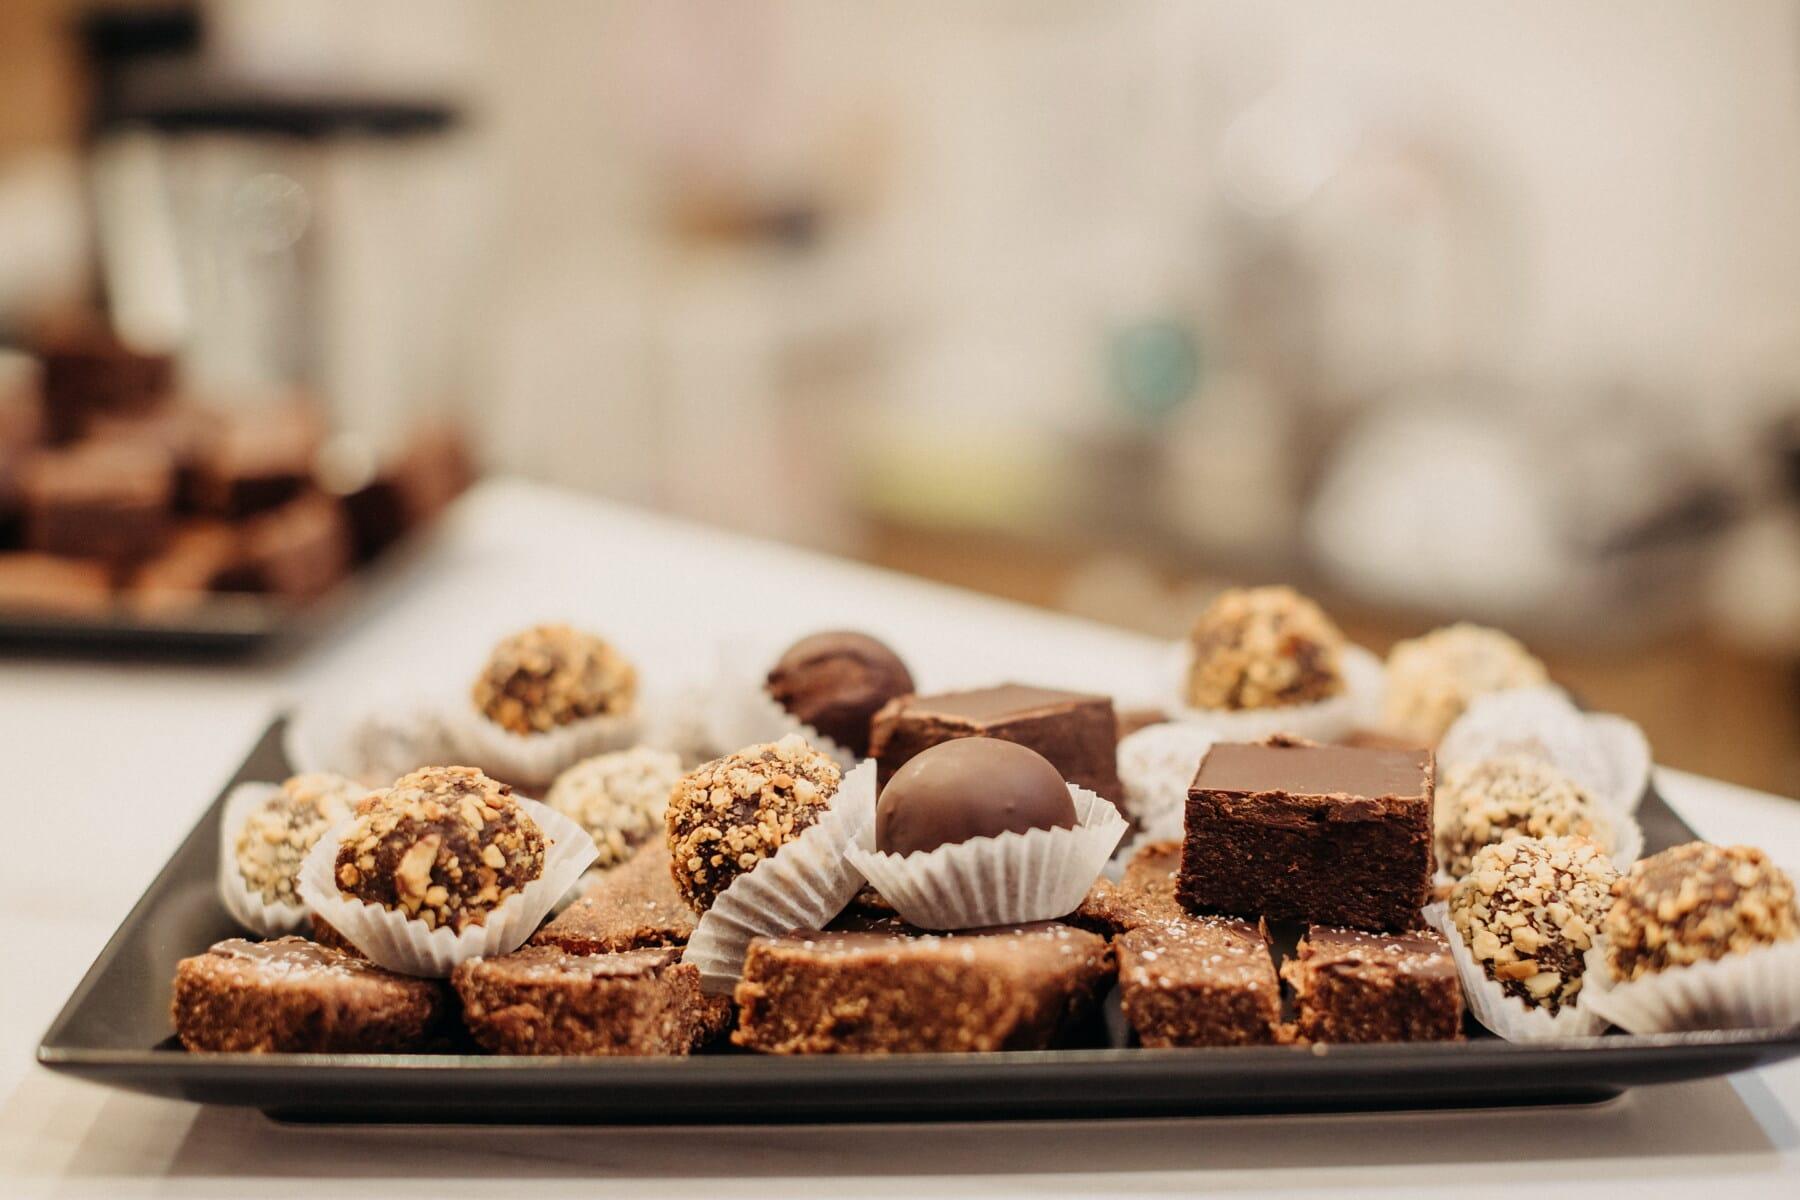 巧克力蛋糕, 自制, 饼干, 核桃, 巧克力, 美味, 餐饮, 糖果, 甜, 烤